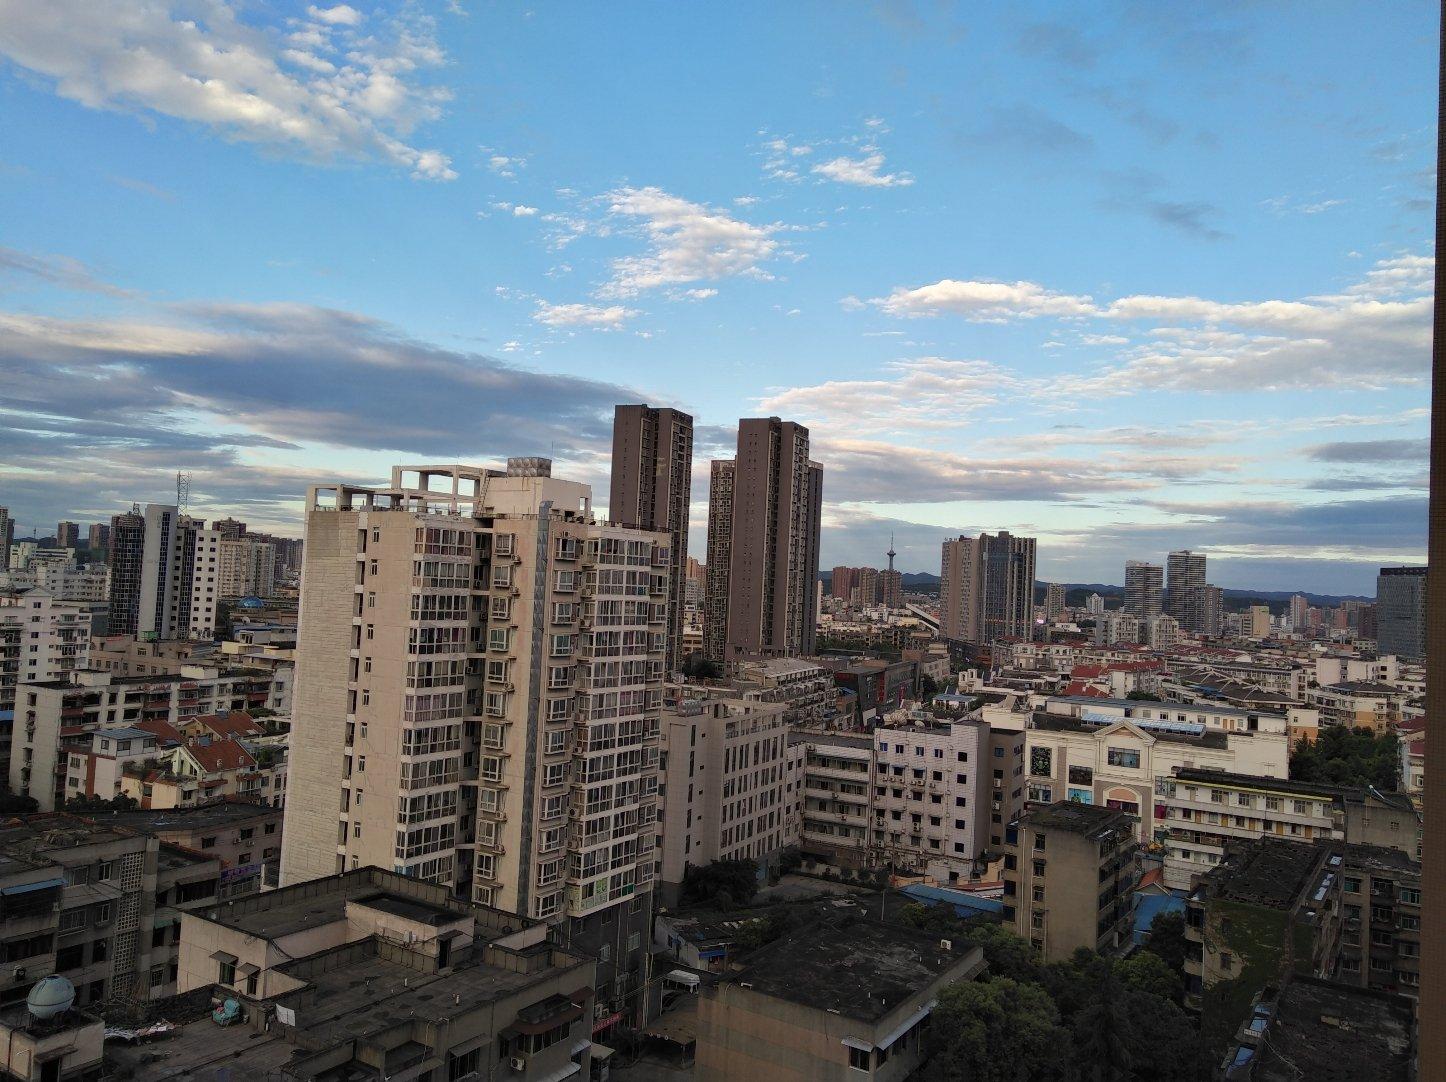 四川省德阳市旌阳区绵远街靠近七色花幼儿园(绵远街)天气预报世界著名综合体建筑设计图片